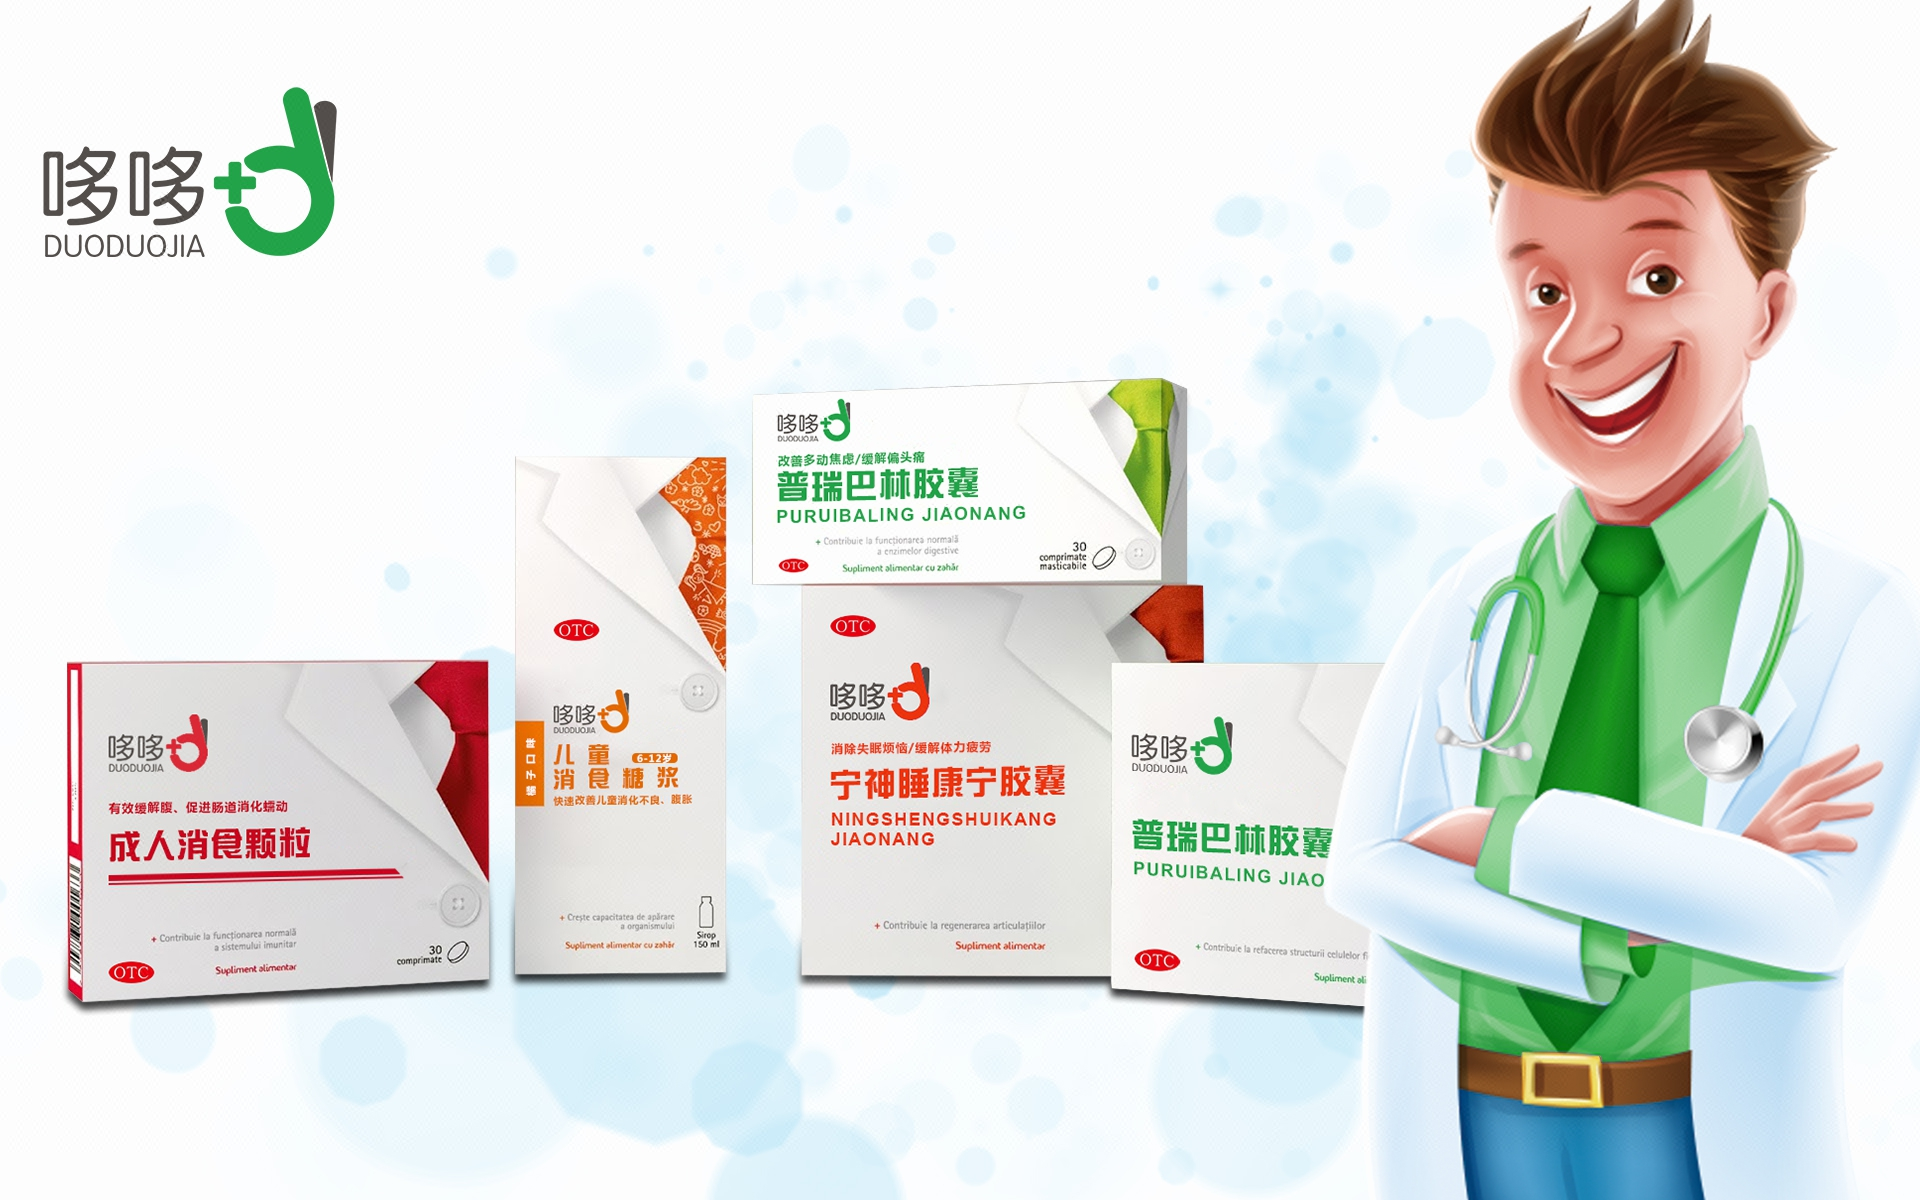 药品包装盒面膜化妆品保健品内包装设计润滑油涂料狗粮包装袋设计